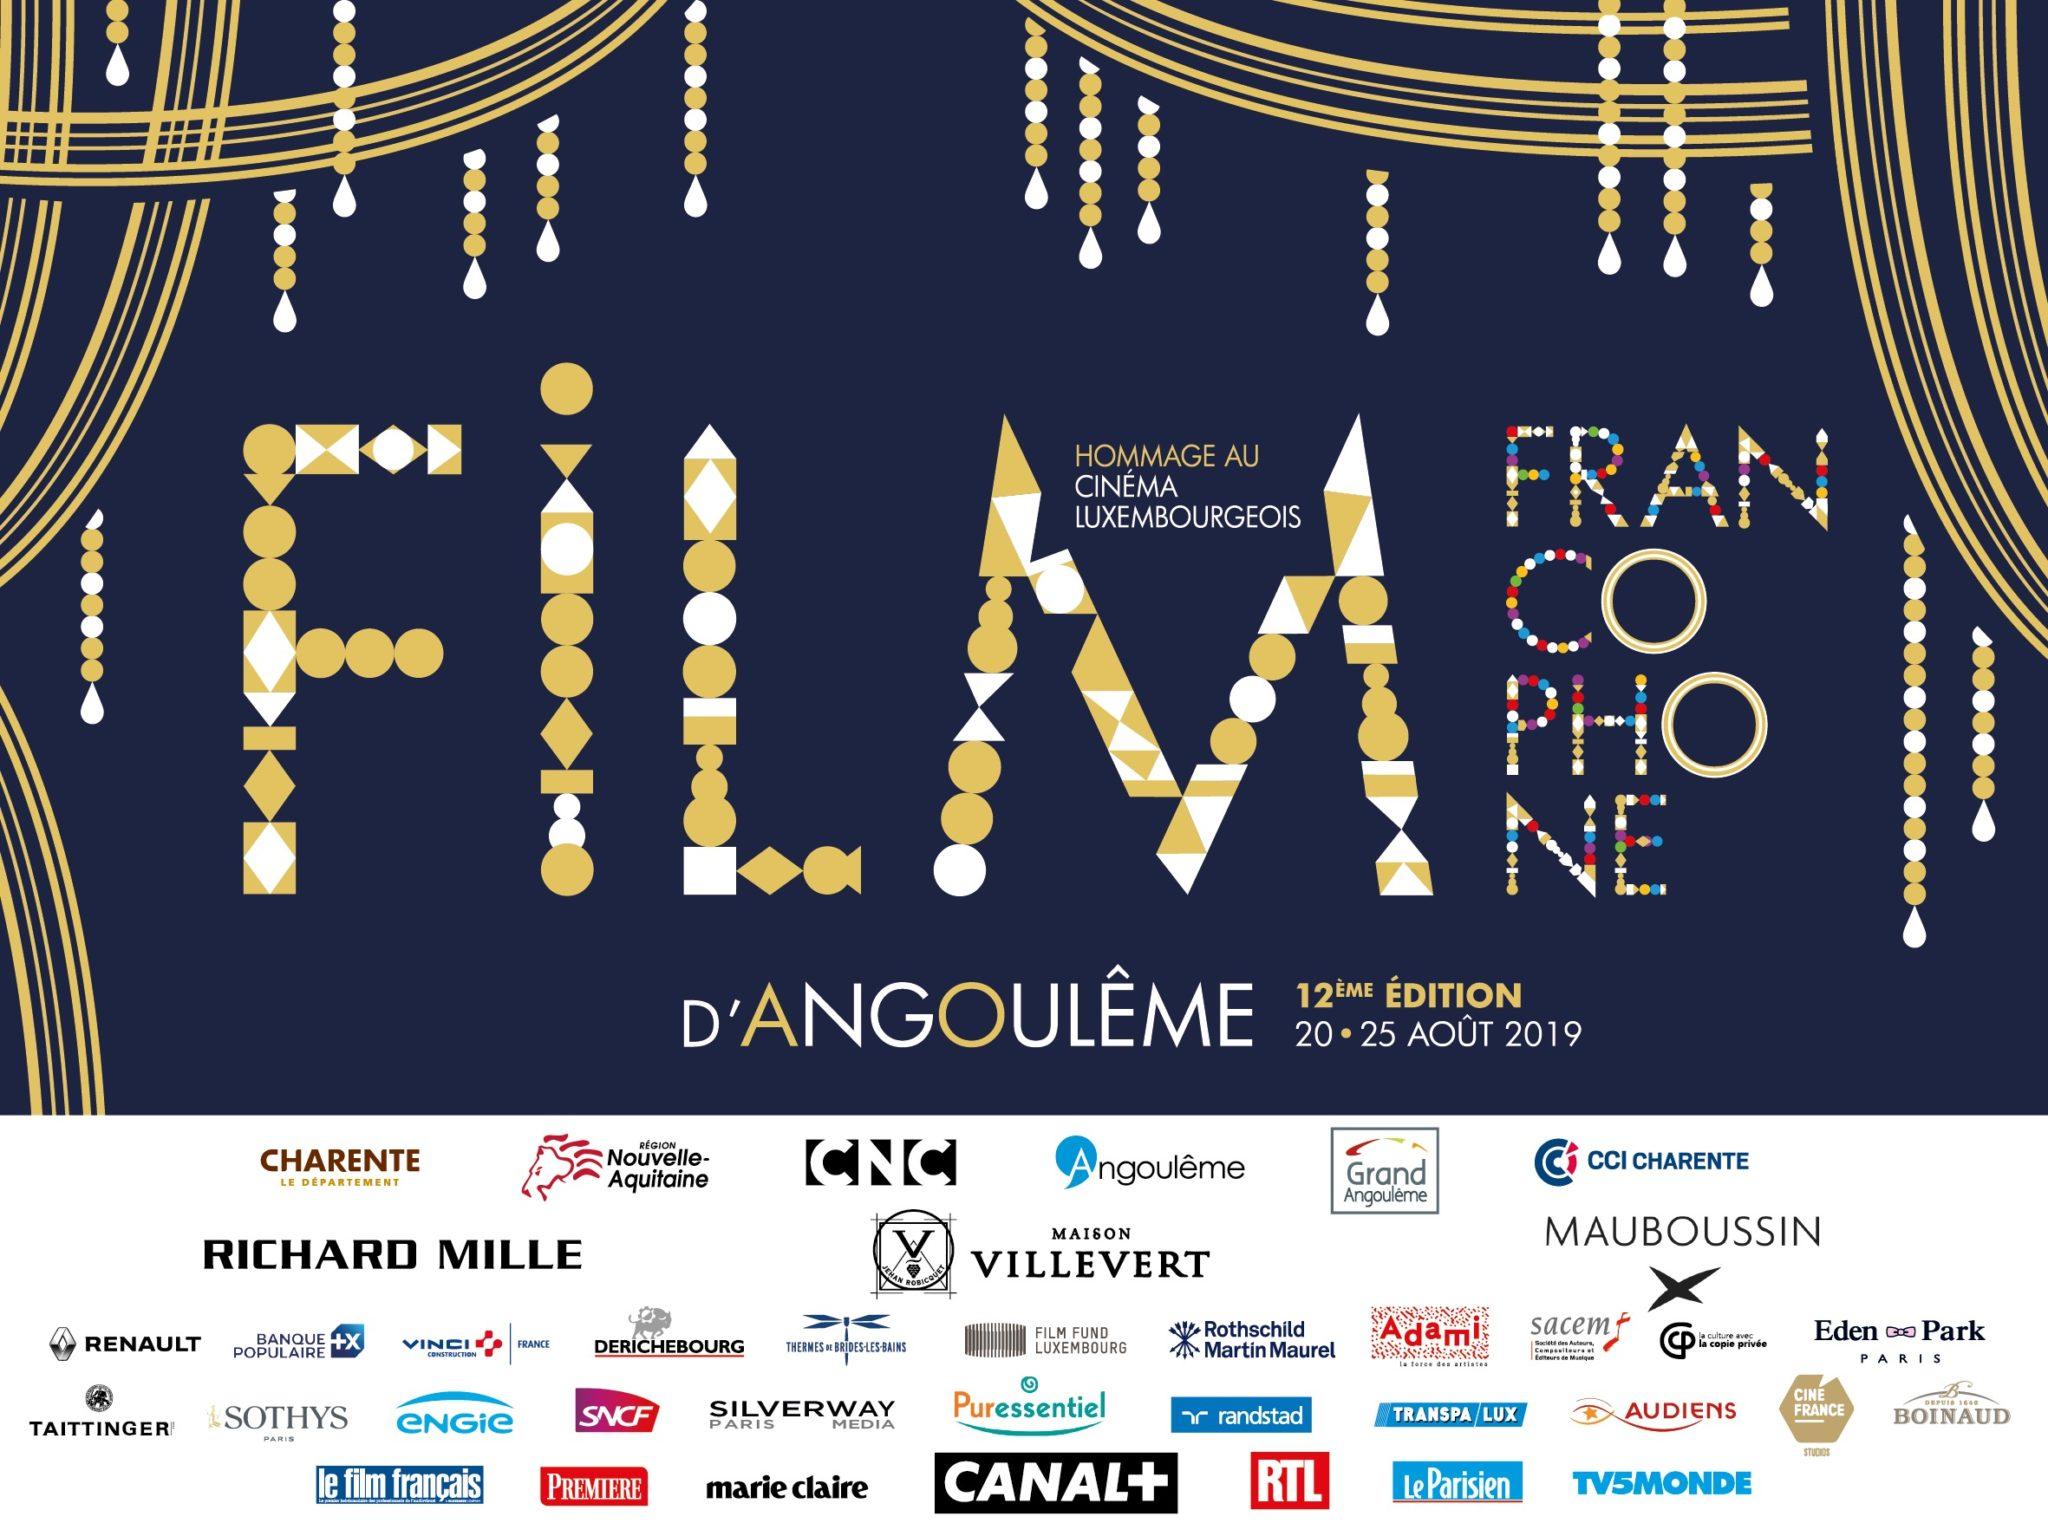 Le programme du Festival du Film Francophone d'Angoulême 2019 5 image